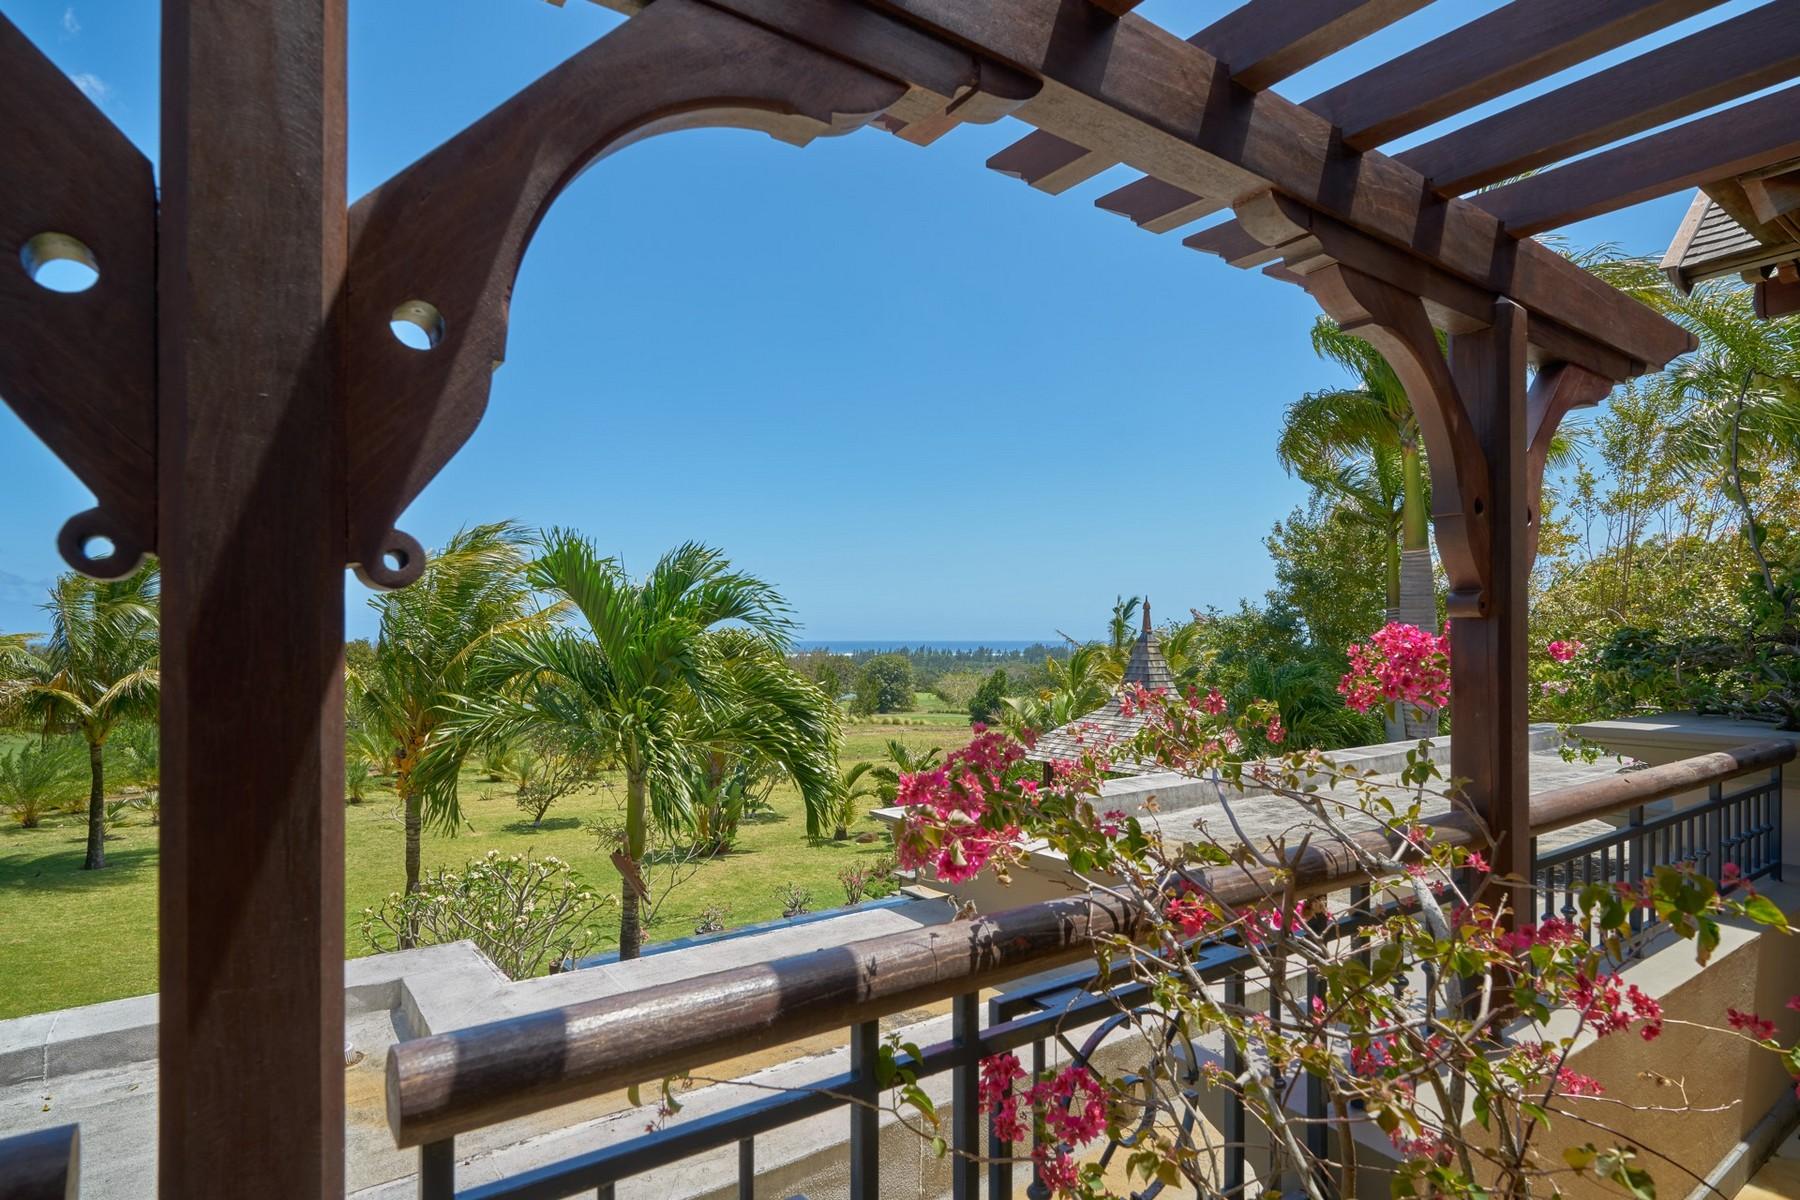 独户住宅 为 销售 在 99, Heritage Villas Valriche 贝尔欧布莱, 萨瓦纳, 毛里求斯